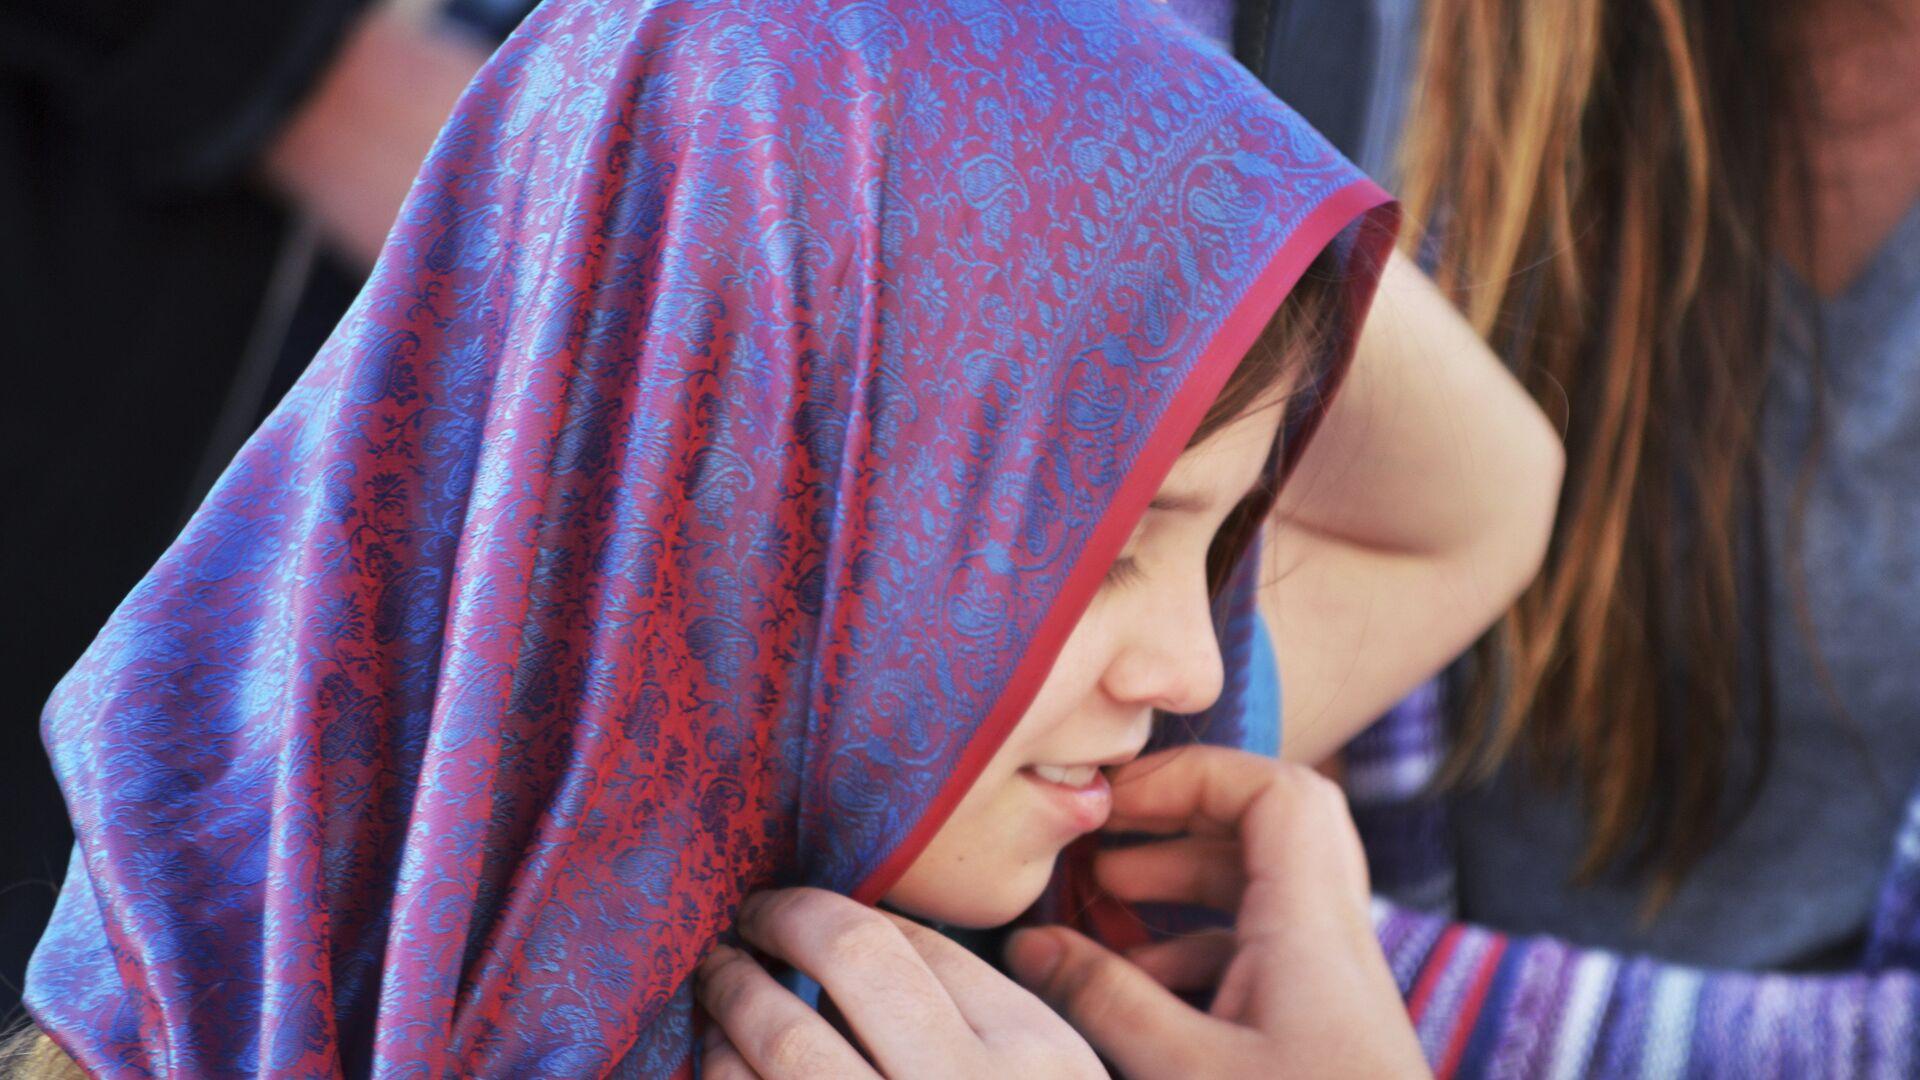 Девочка примеряет хиджаб, архивное фото - Sputnik Тоҷикистон, 1920, 05.09.2021